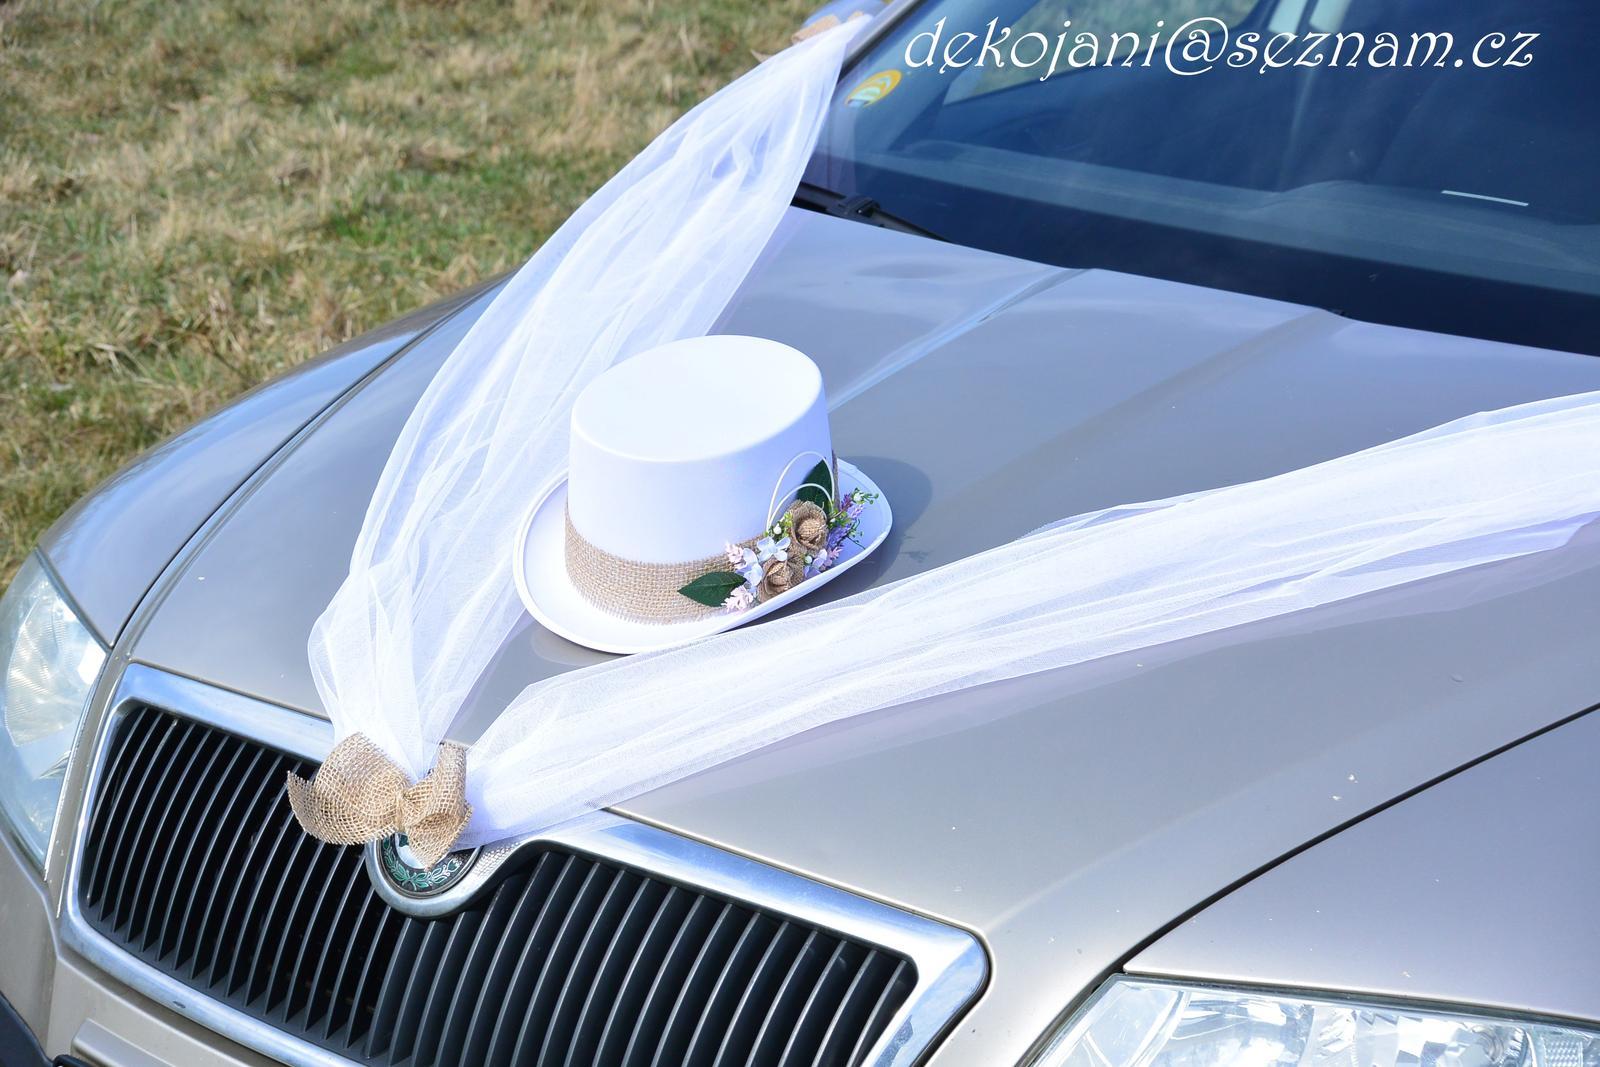 Svatební dekorace vše v barvách na přání! - Obrázek č. 62